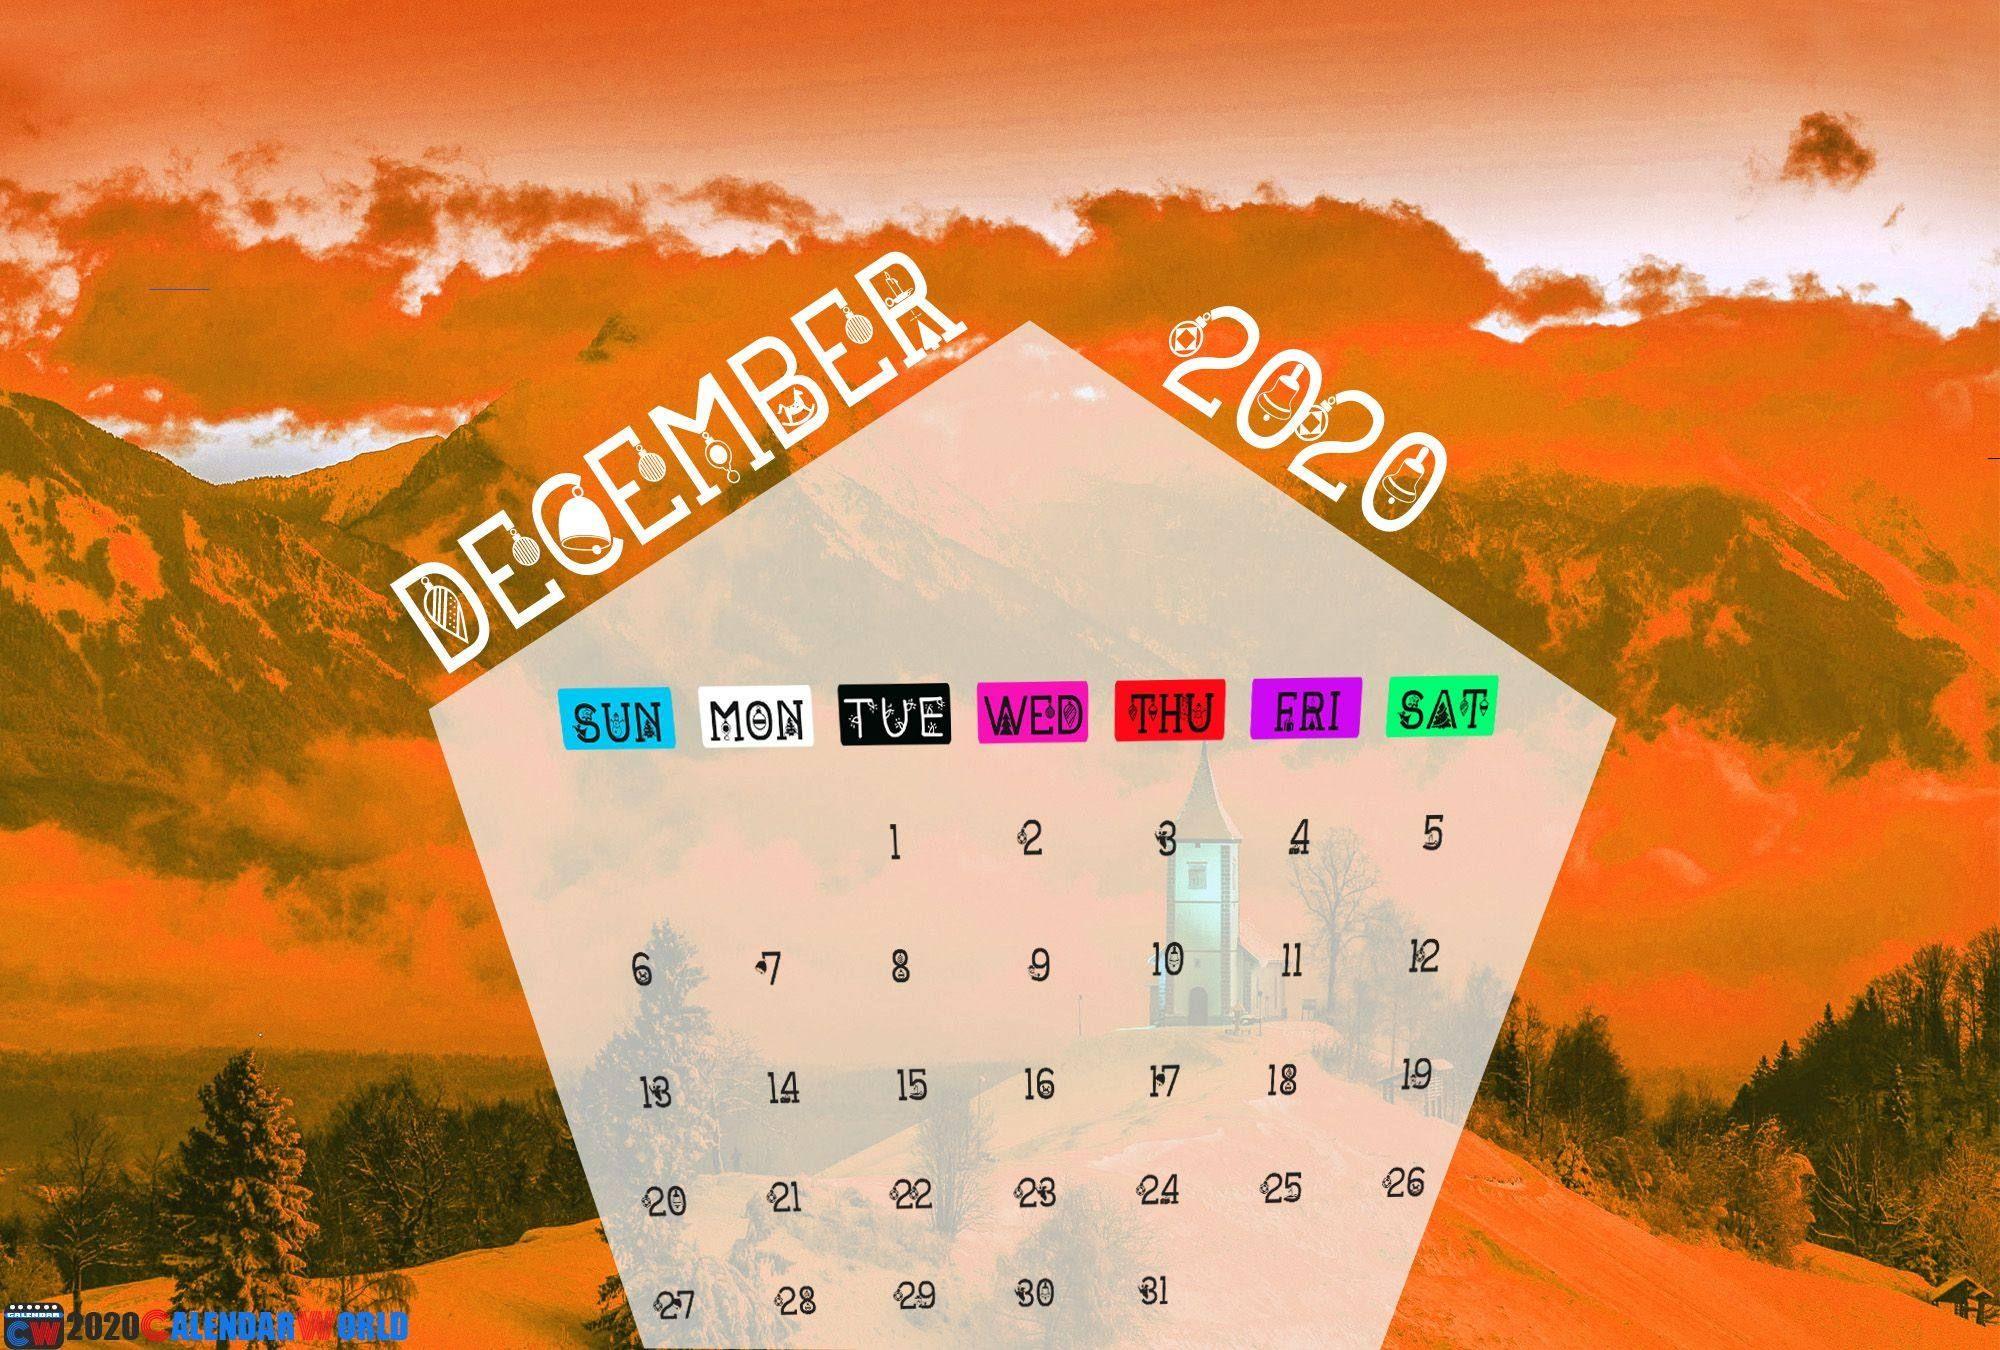 December 2020 Calendar Wallpaper for iPhone, Desktop